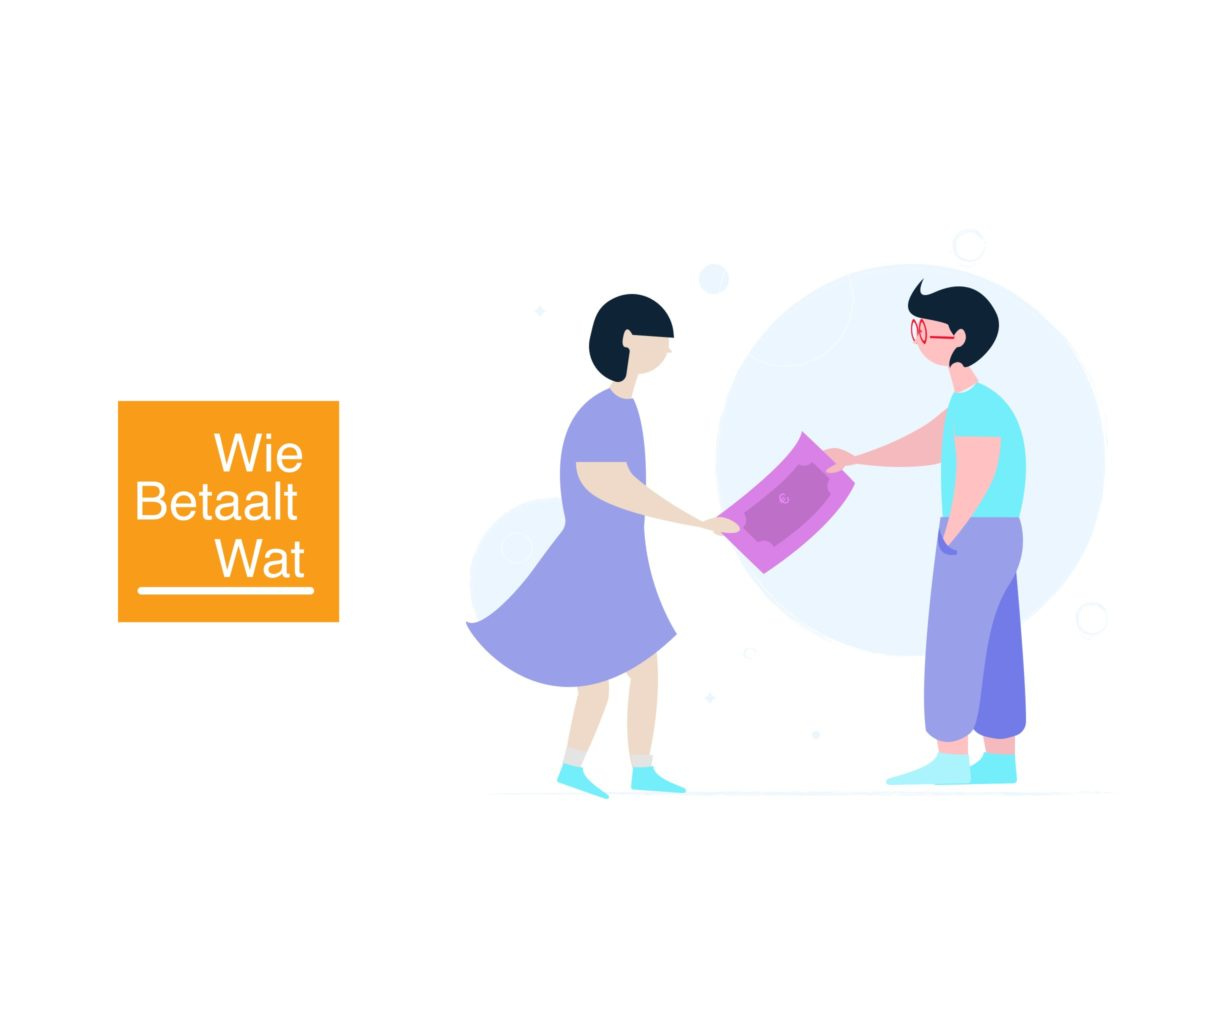 WieBetaaltWat logo